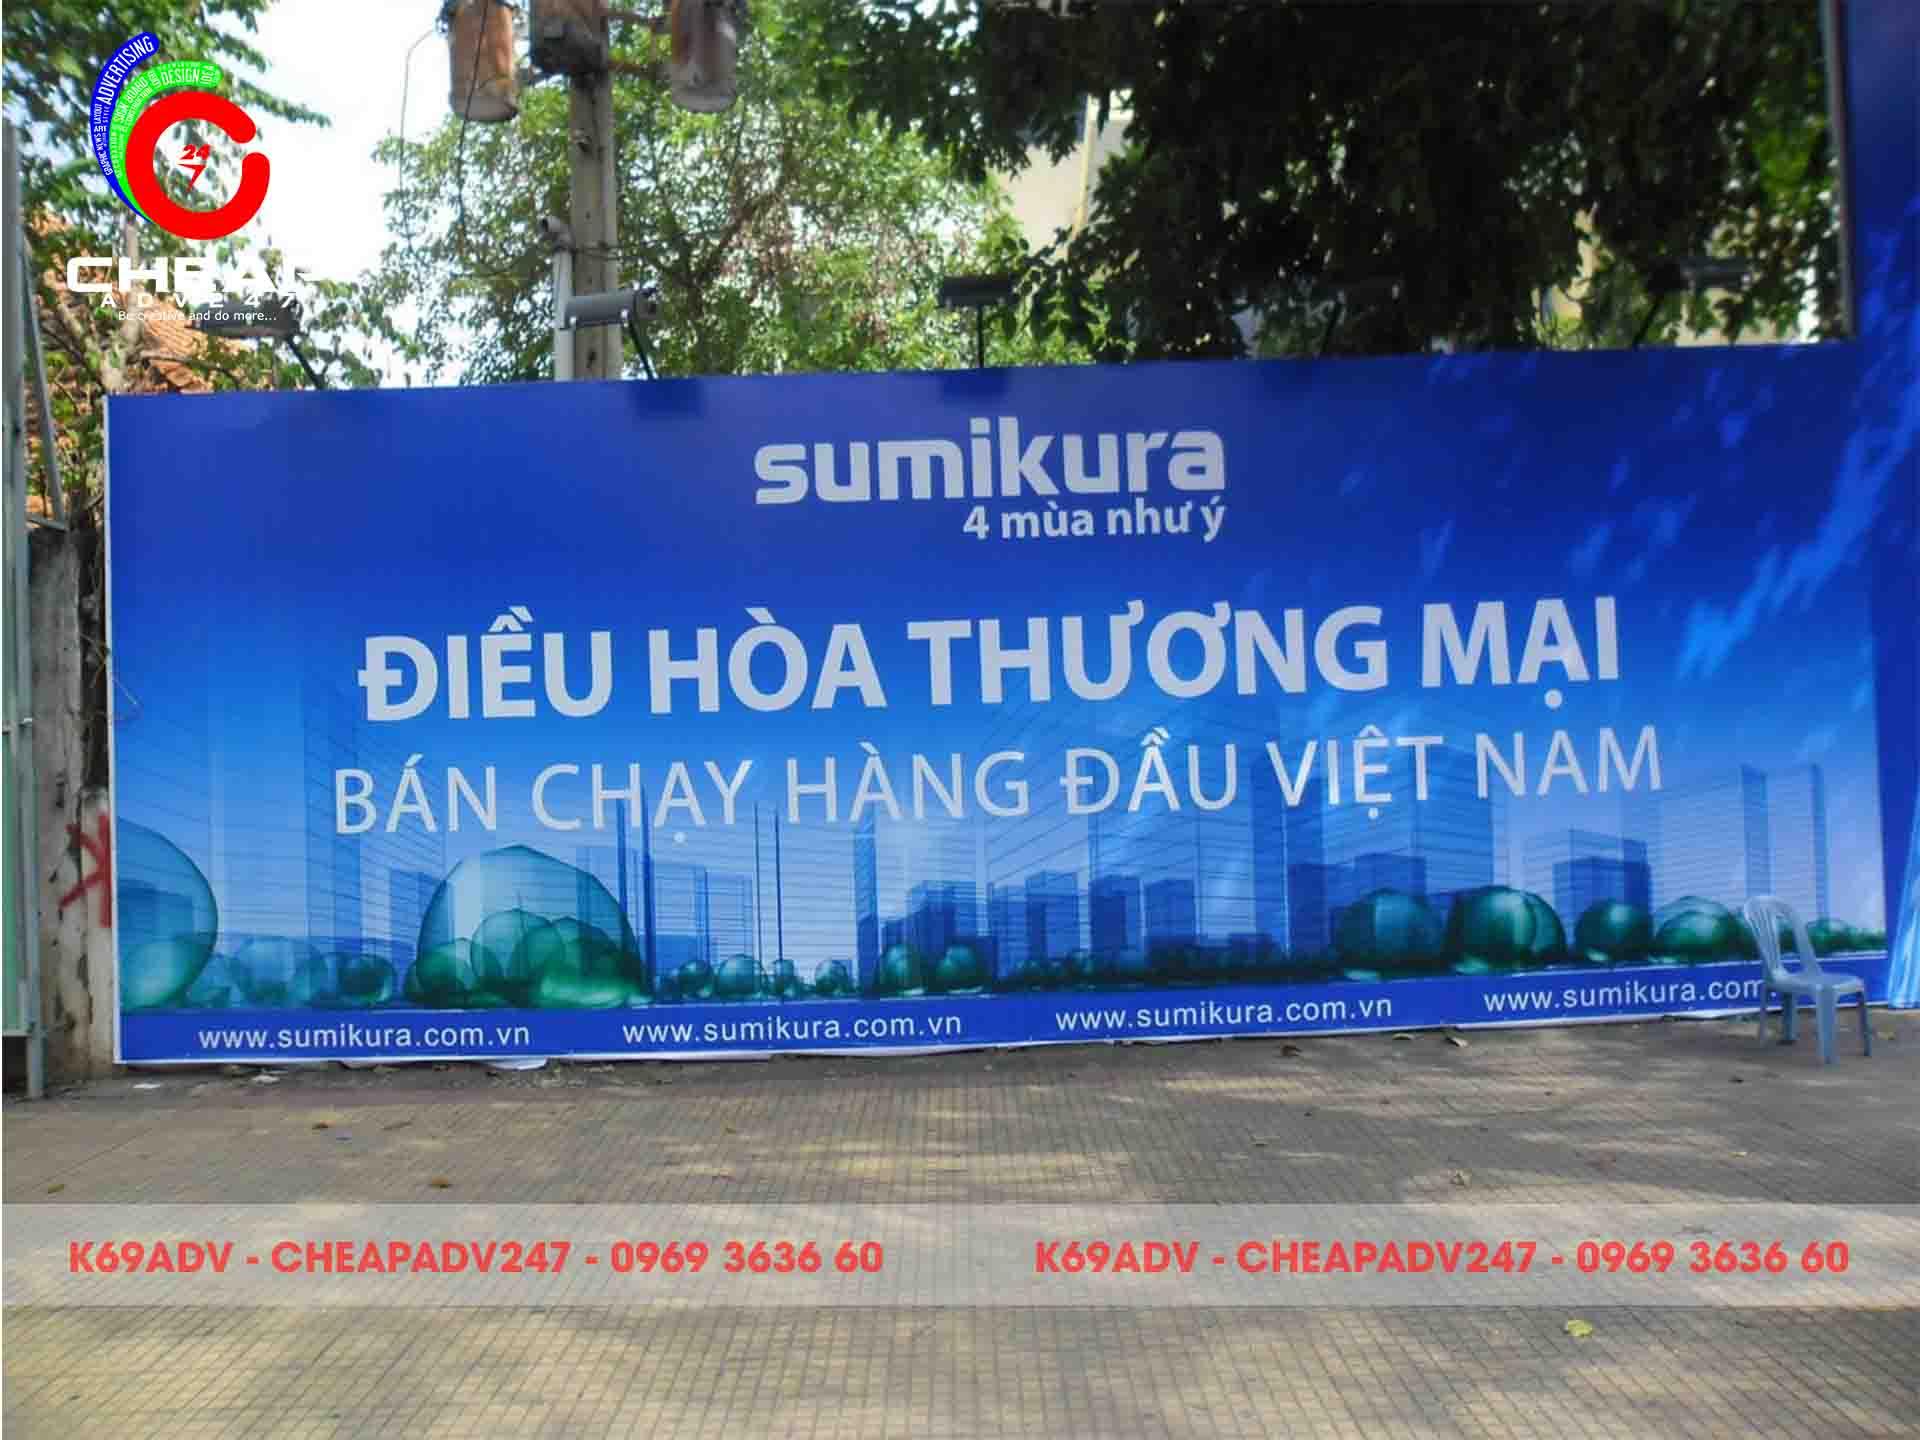 Thi cong bangr hieu cheapadv2477